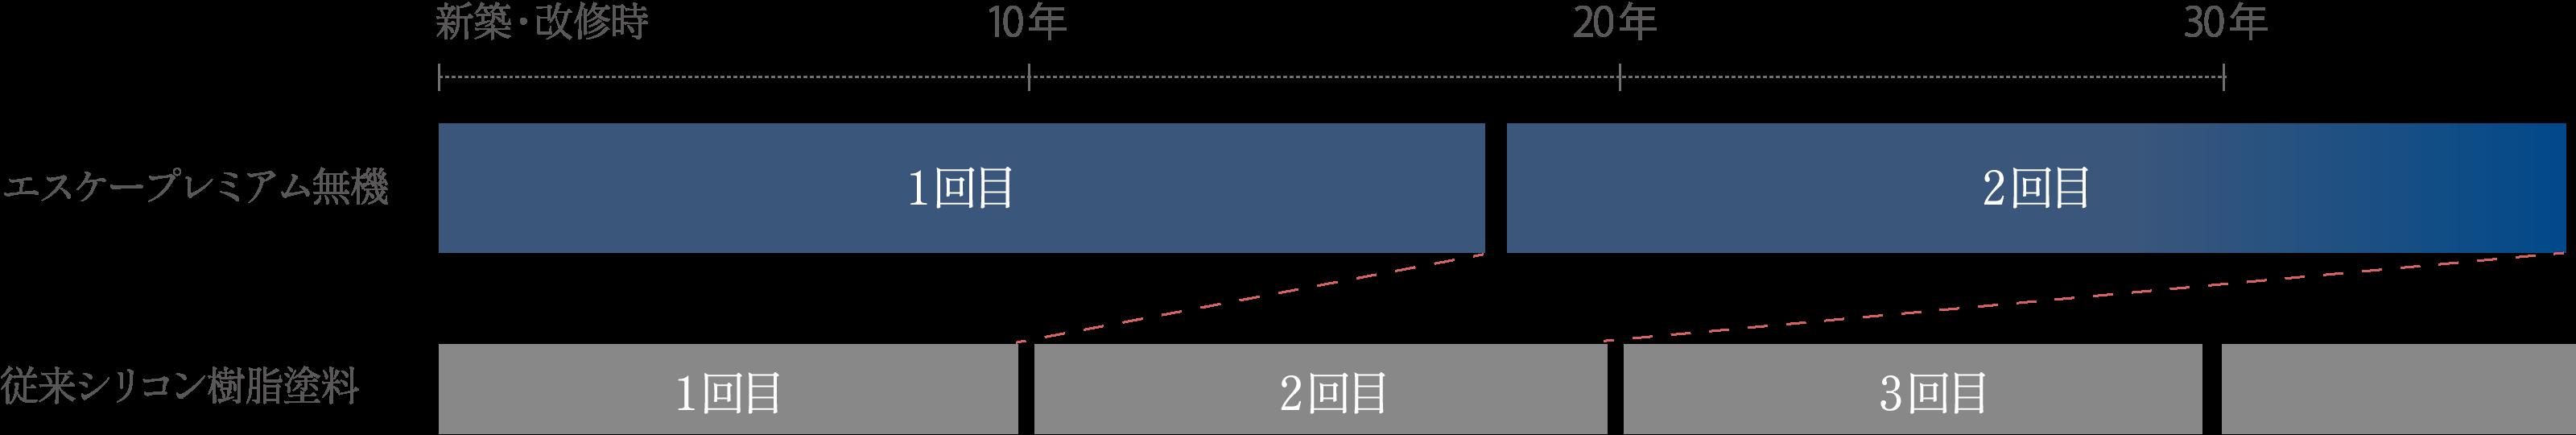 エスケープレミアム無機と従来シリコン塗料の塗り替えサイクルの目安年数比較